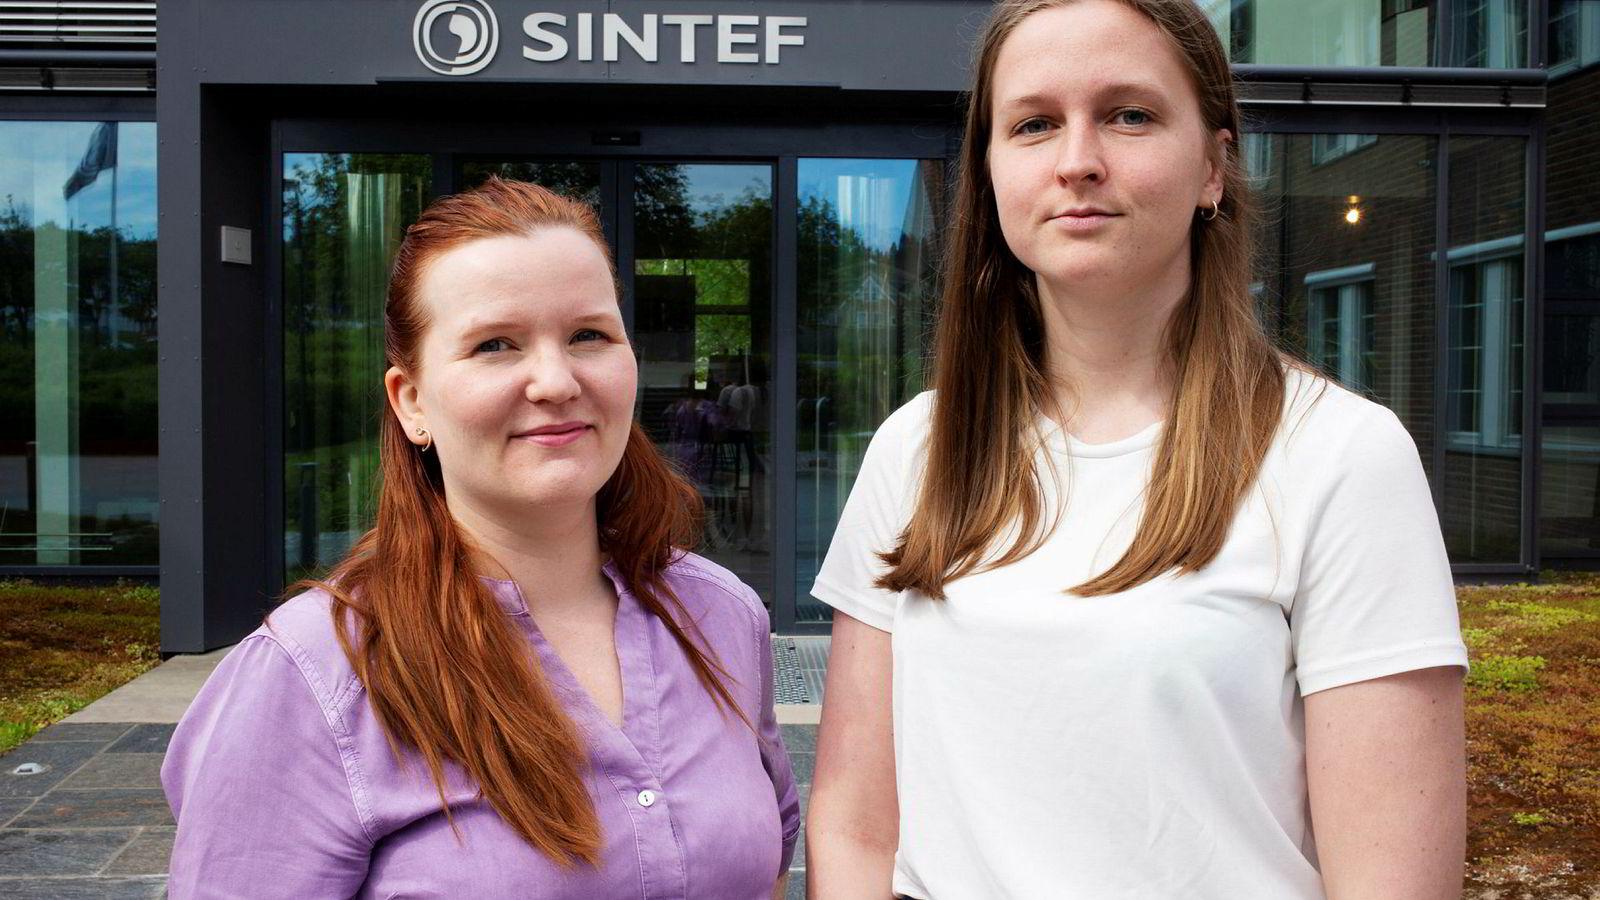 Sintef-forsker og førsteamanuensis Marie Elisabeth Gaup Moe (til venstre) ved NTNU begynte å forske på hacking av medisinsk utstyr da hun selv fikk pacemaker. Masterstudent Anniken Wium Lie skriver oppgaven sin om hvordan pacemakere kan hackes når den kobles på nett.